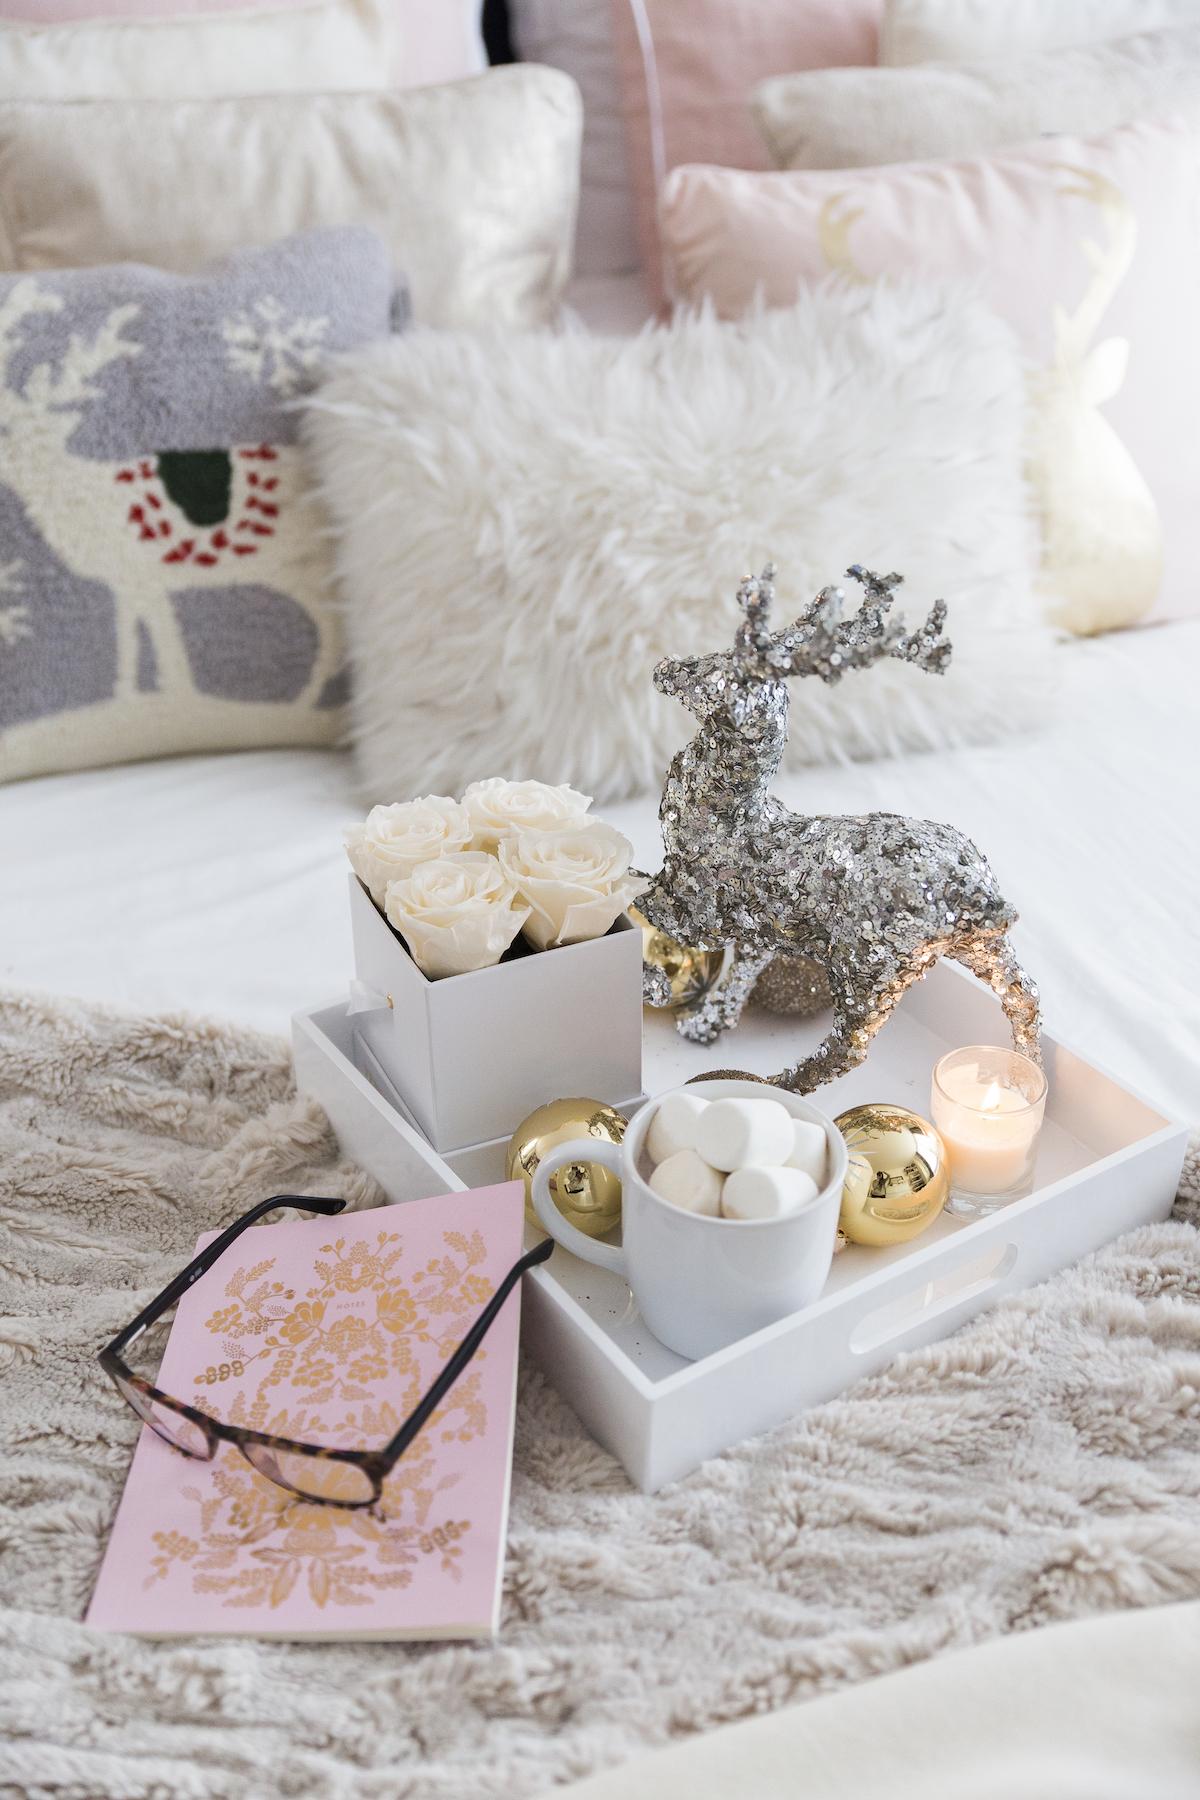 Cozy Holiday Decorative Tray